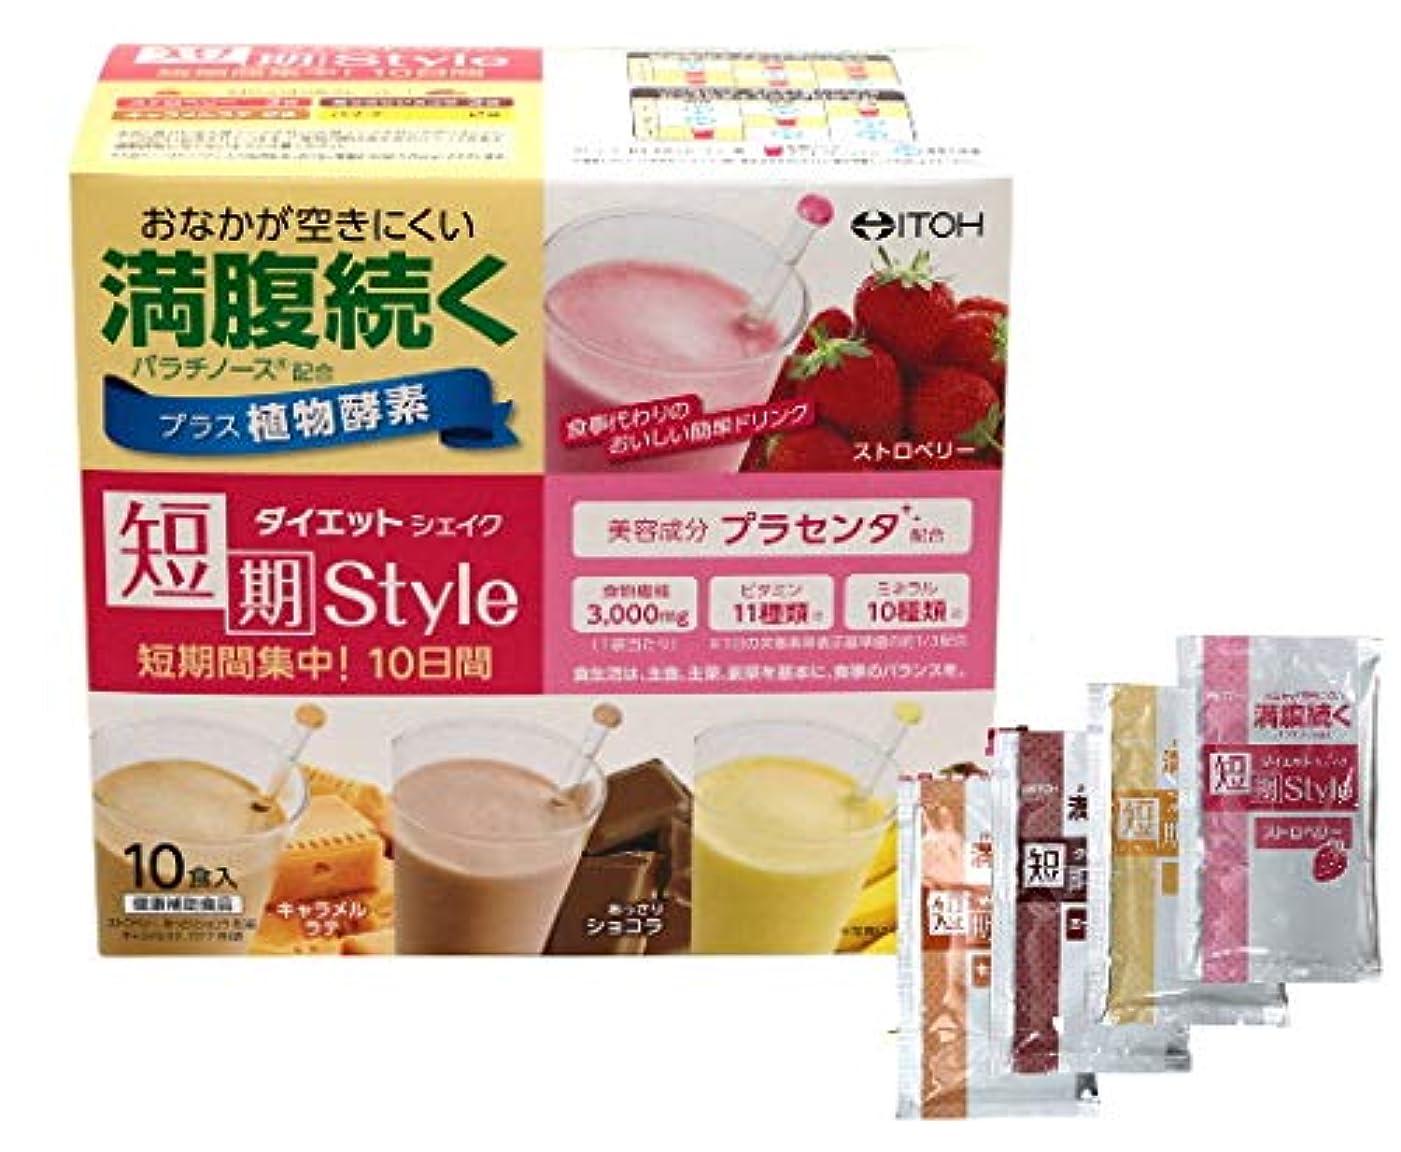 振る舞い見込みラショナル井藤漢方 短期スタイル ダイエットシェイク(25g×10袋)2個セット